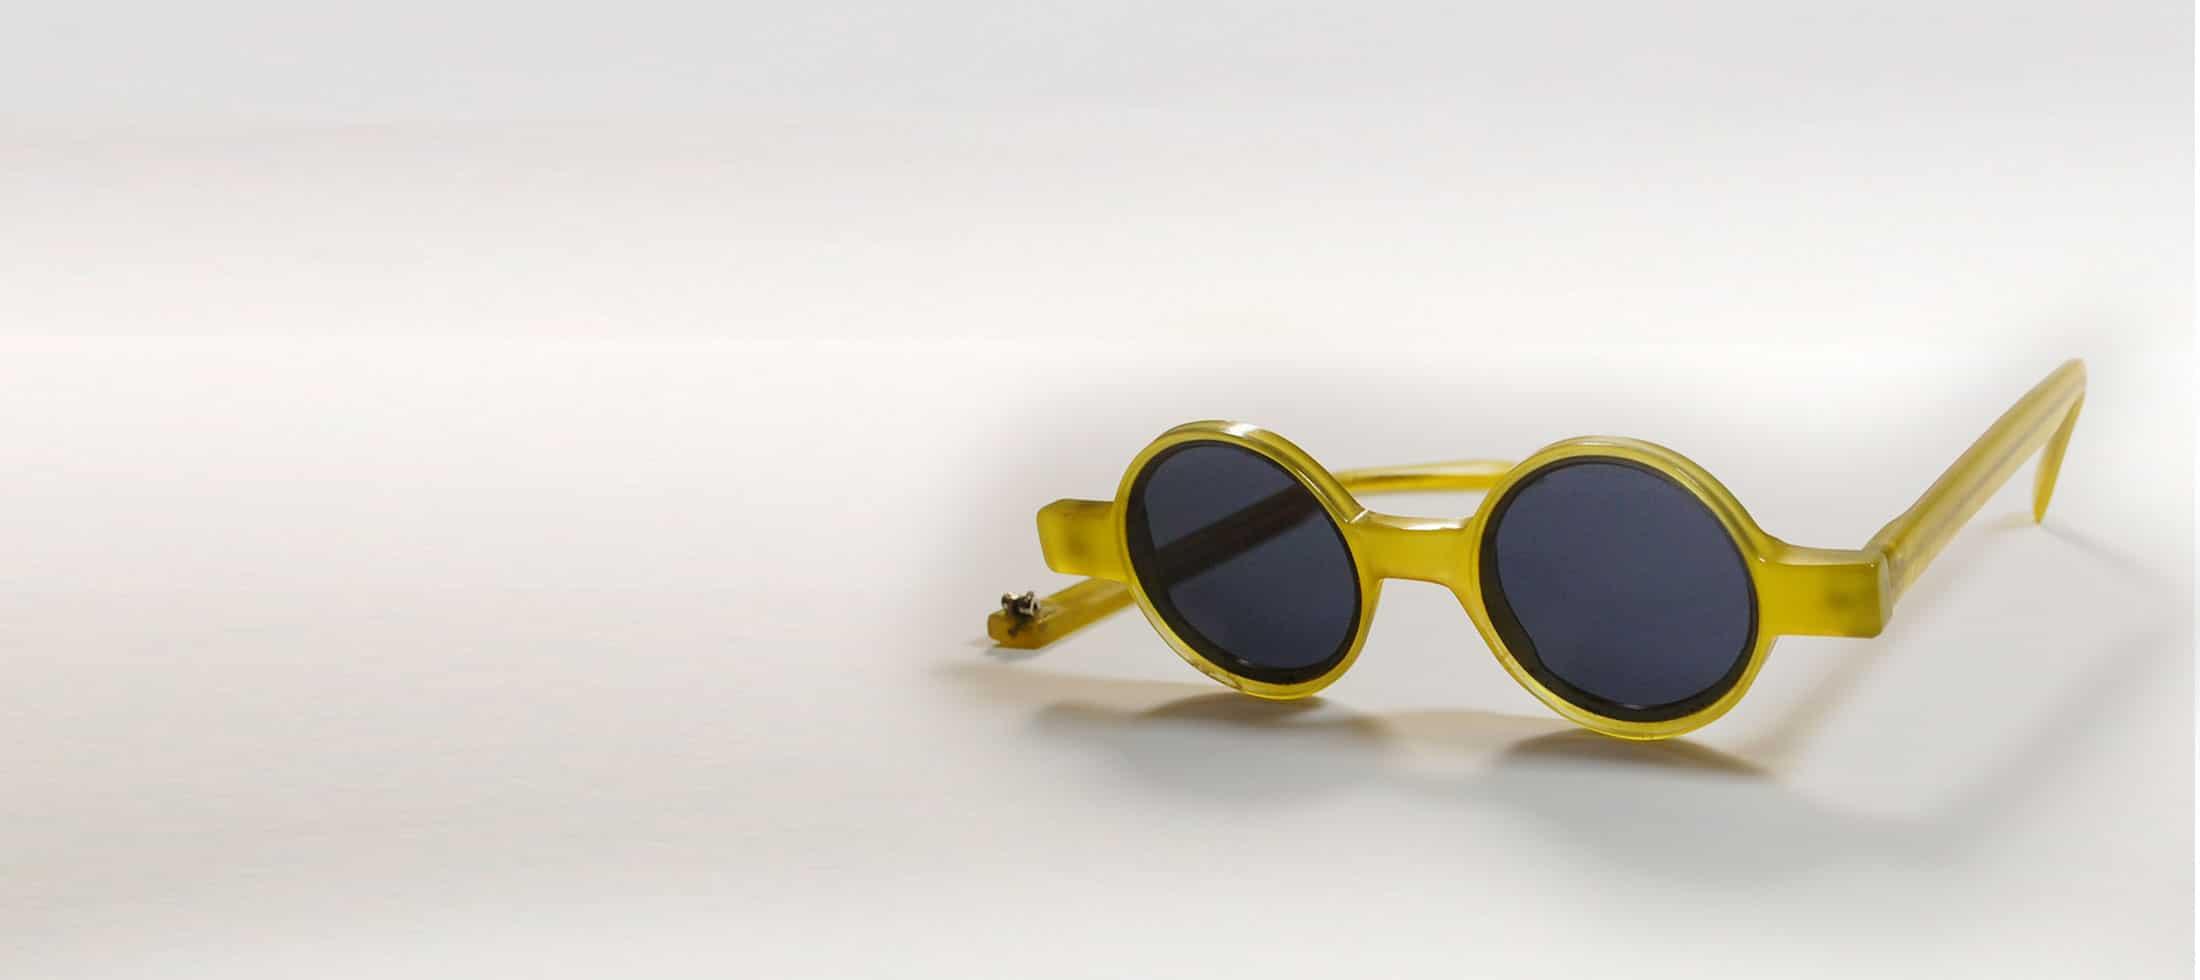 Fix Glasses Frame Plastic : Fixing Plastic Glasses